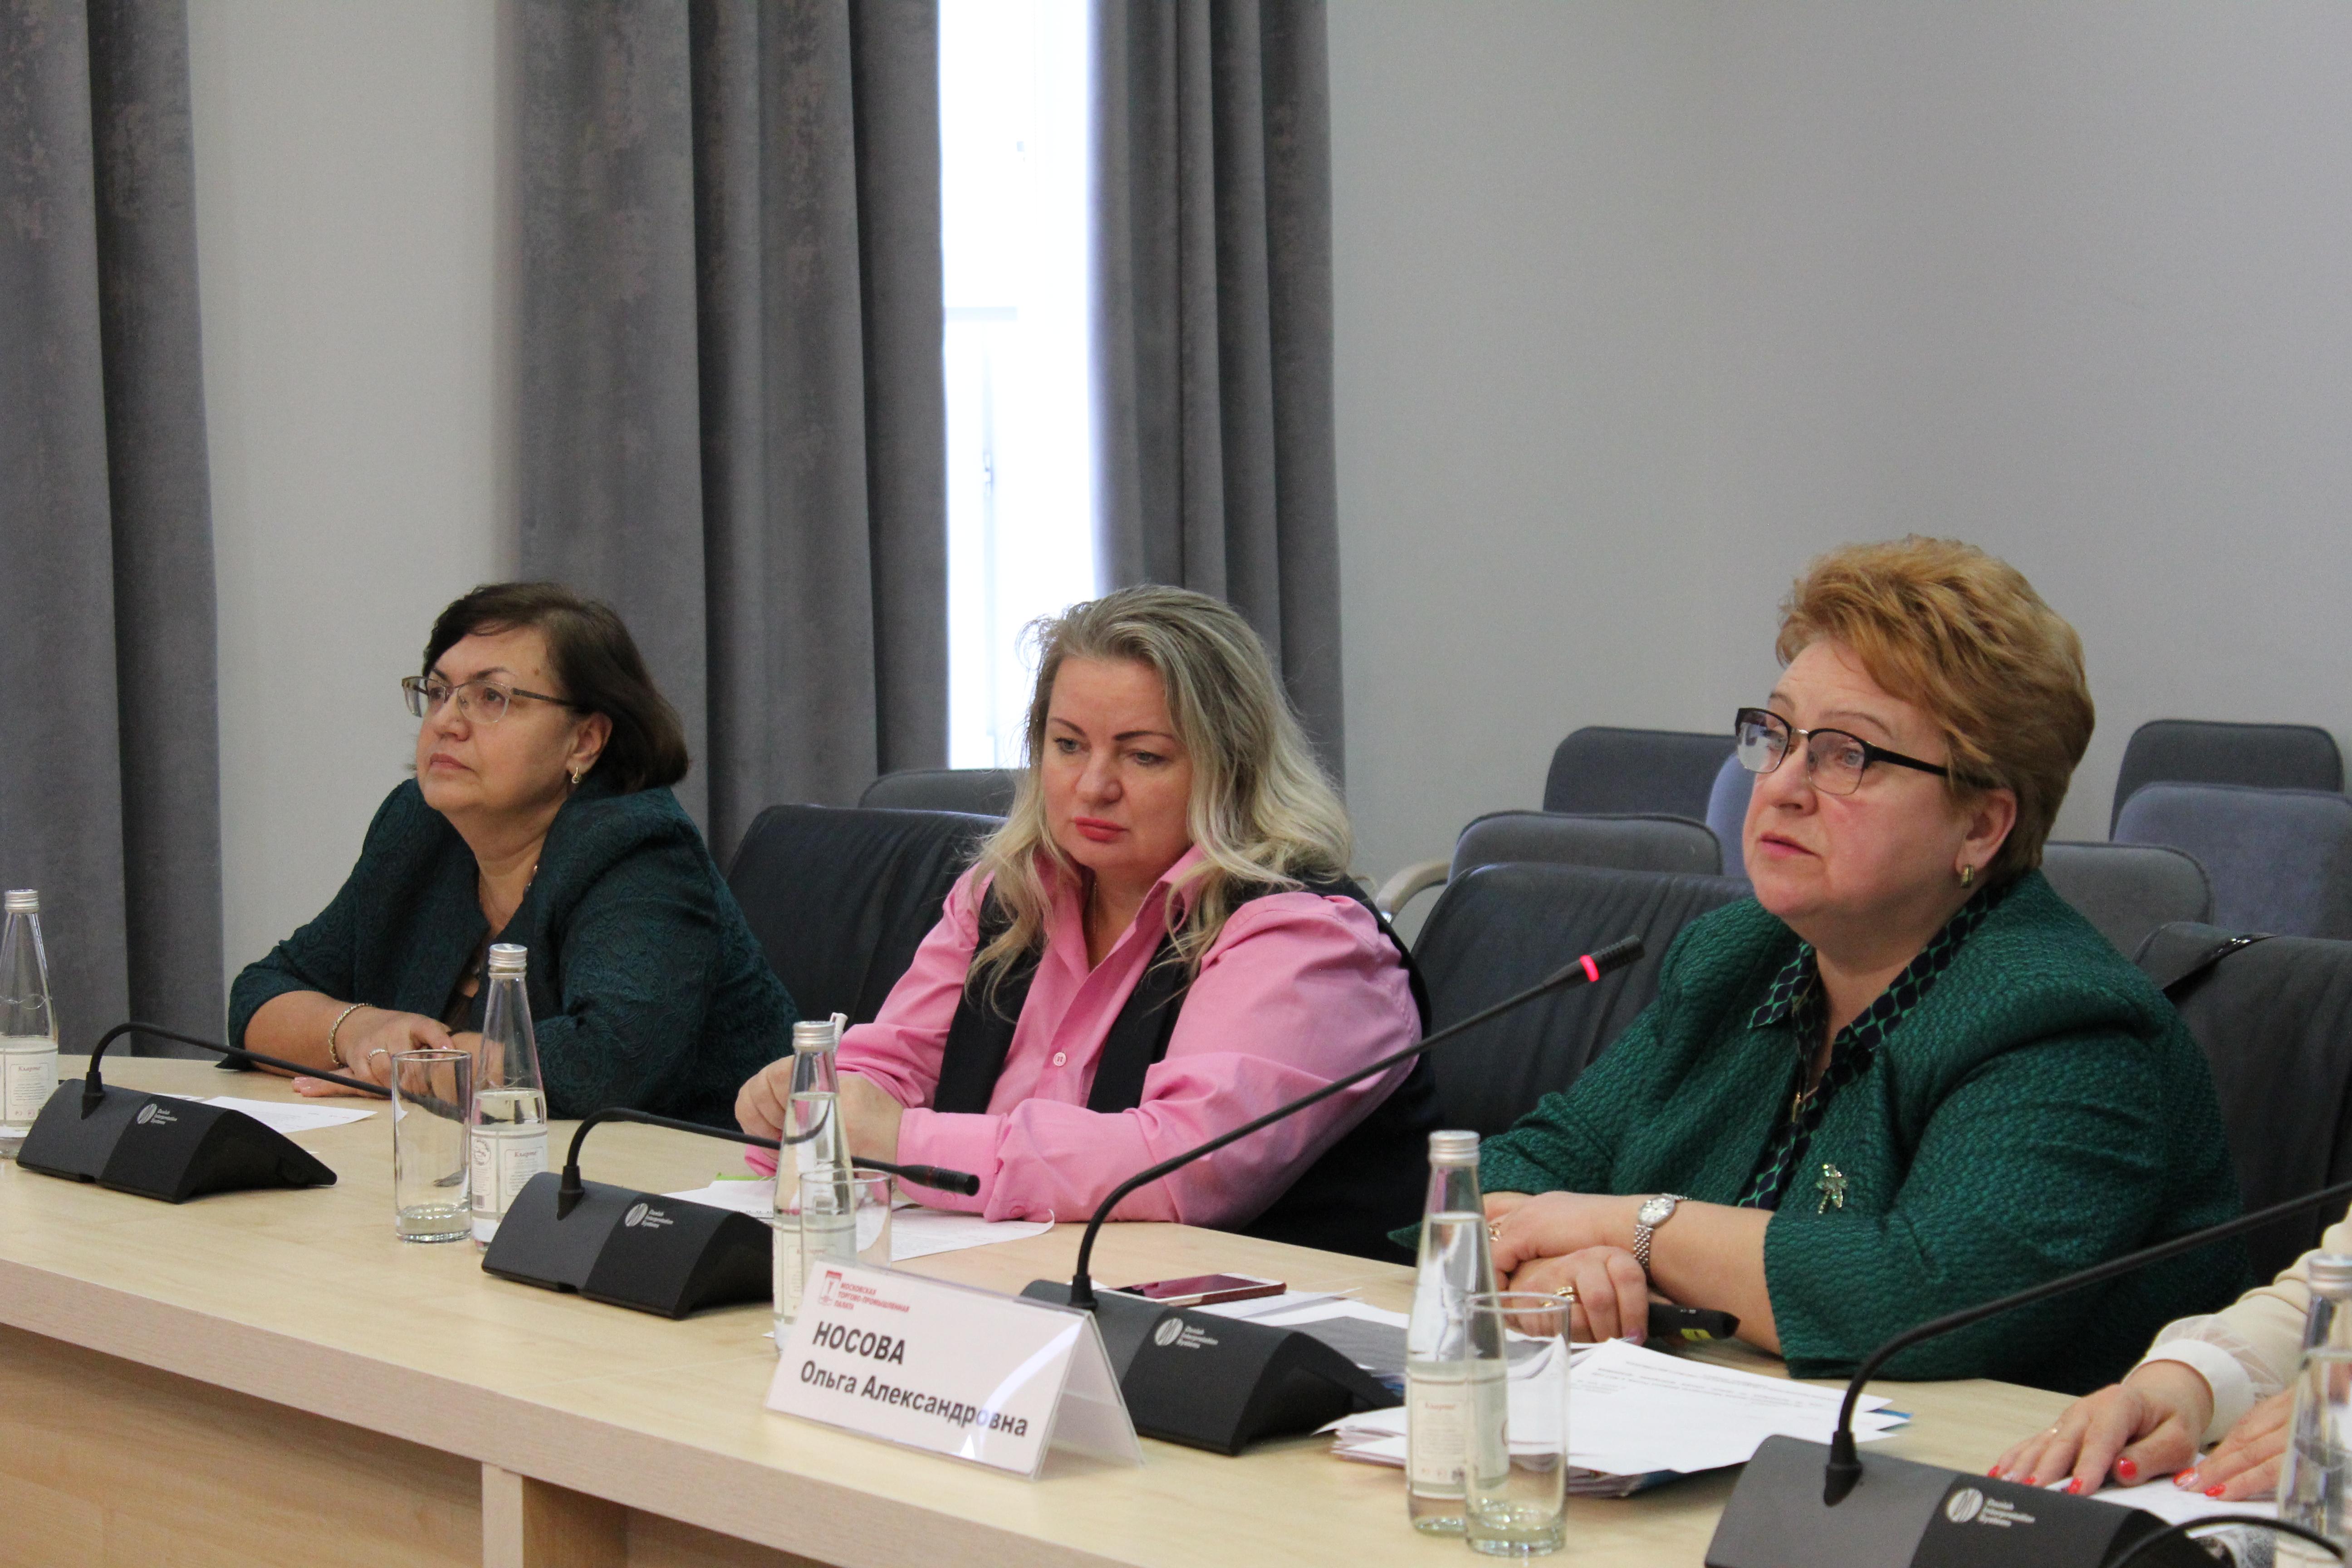 Круглый стол Юстиком «Аудит в России: тенденции и перспективы развития», организованный Комитетом по налоговой политике и аудиту